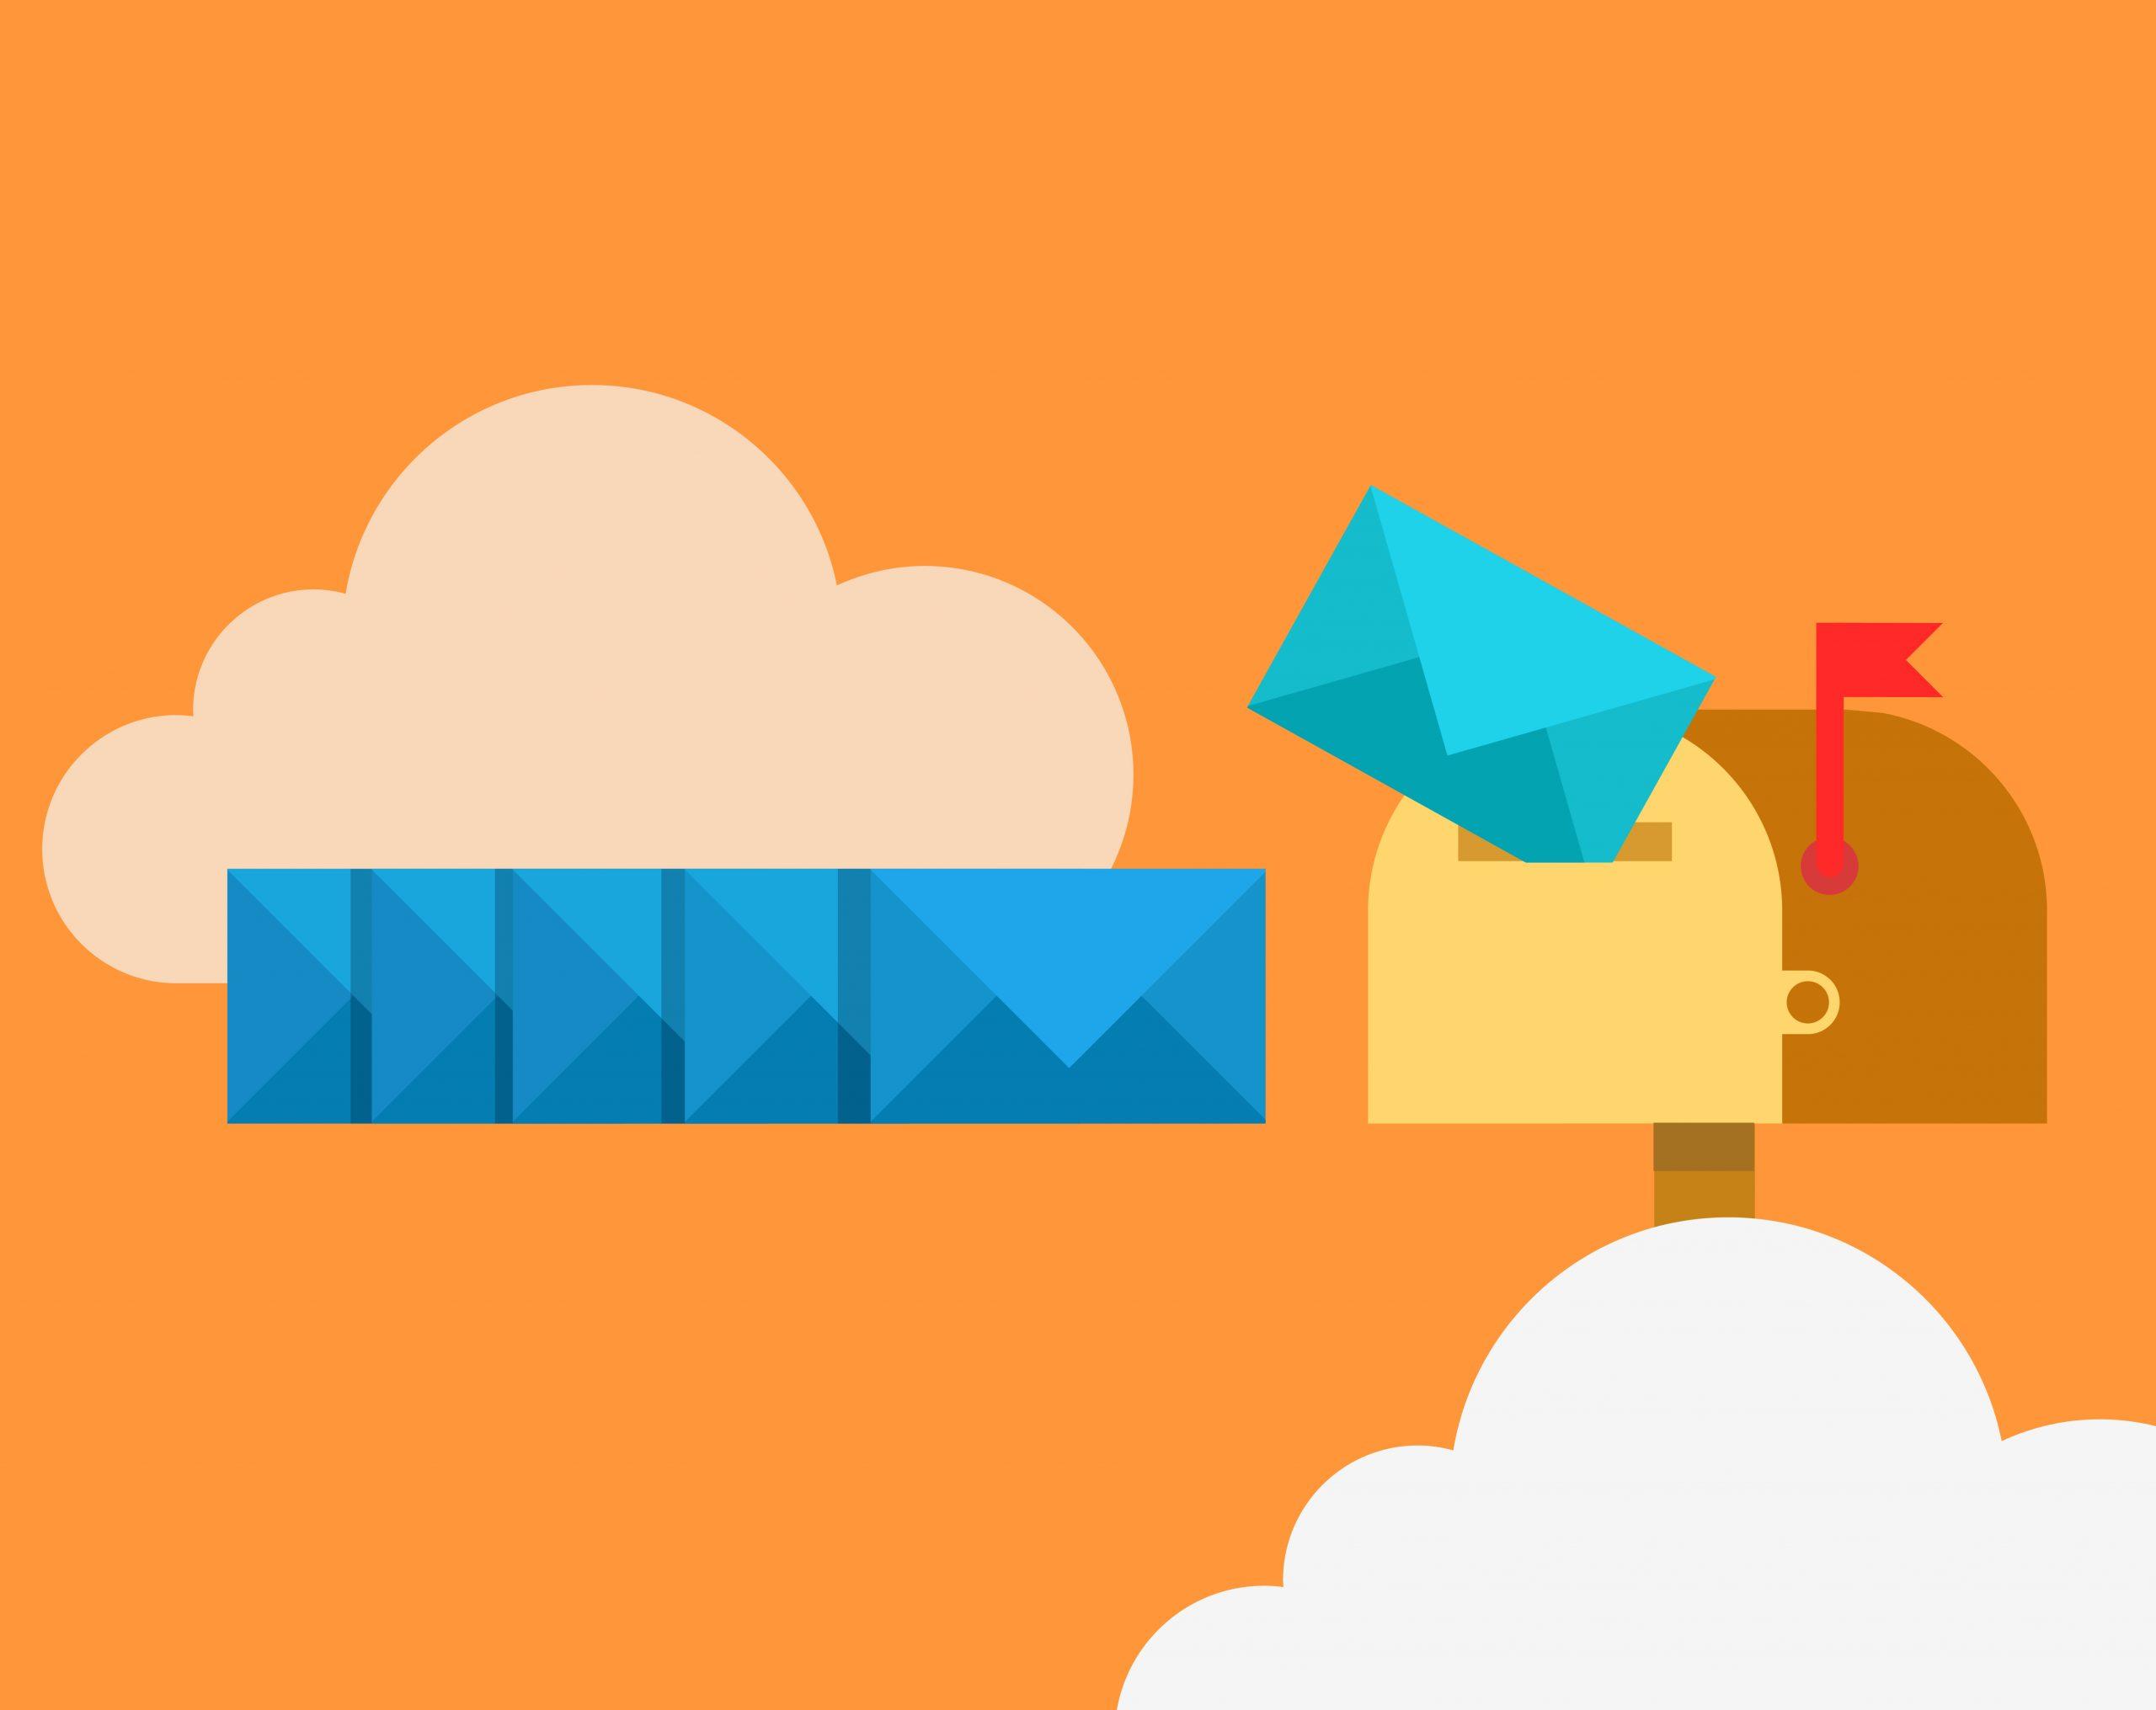 100 bons conseils pour écrire un mailing (Part. 2) 4